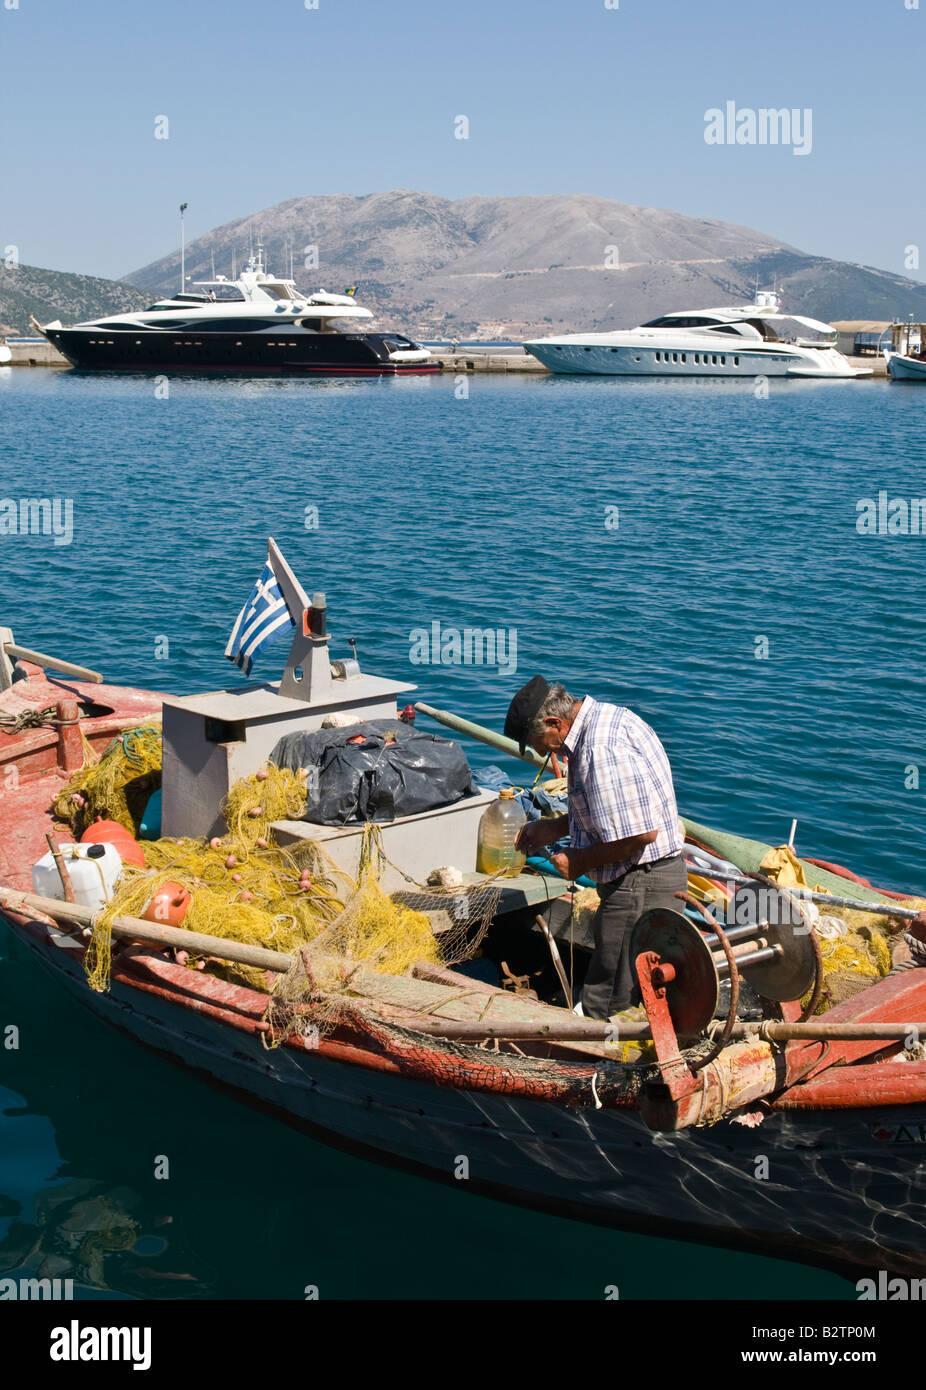 Yacht di lusso e semplici barche da pesca condividere il porto di Sami Kefalonia in Grecia Immagini Stock